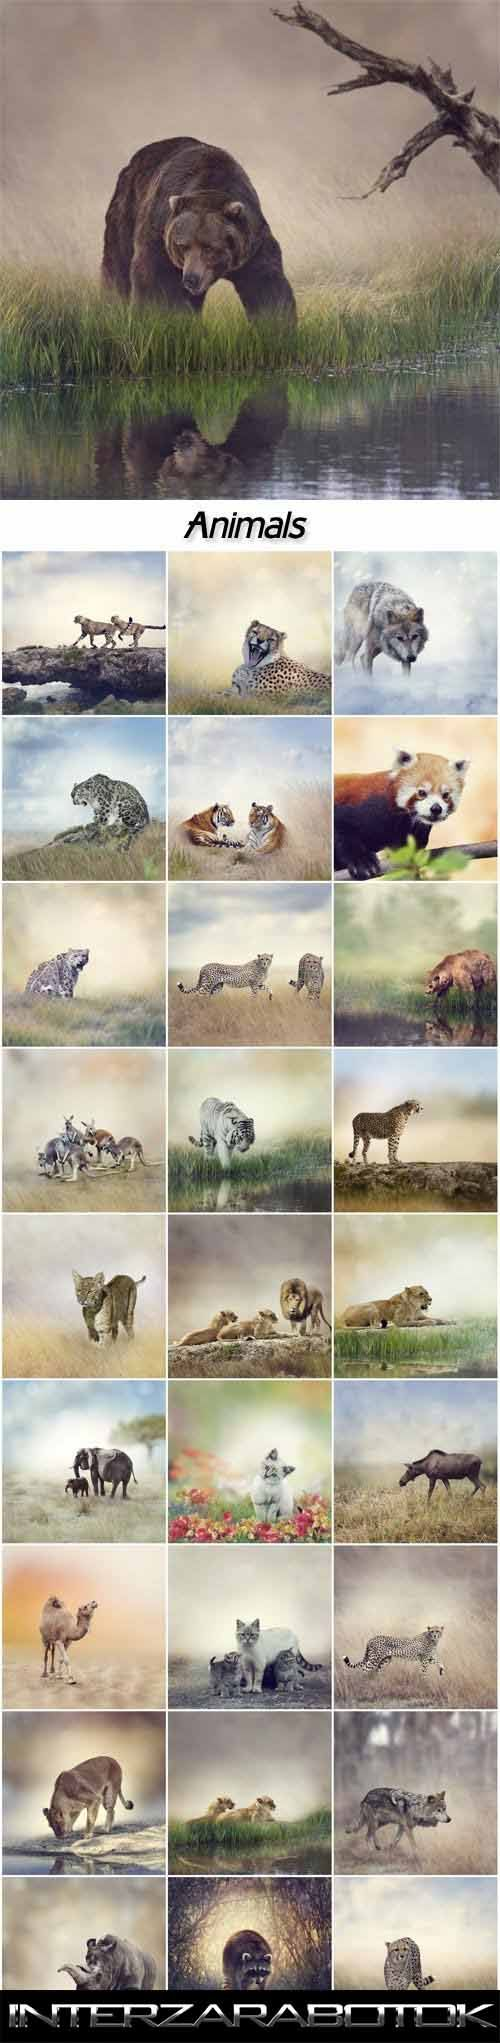 Стоковые фото – Животные, леопард, волк, медведь, слон, верблюд, носороги